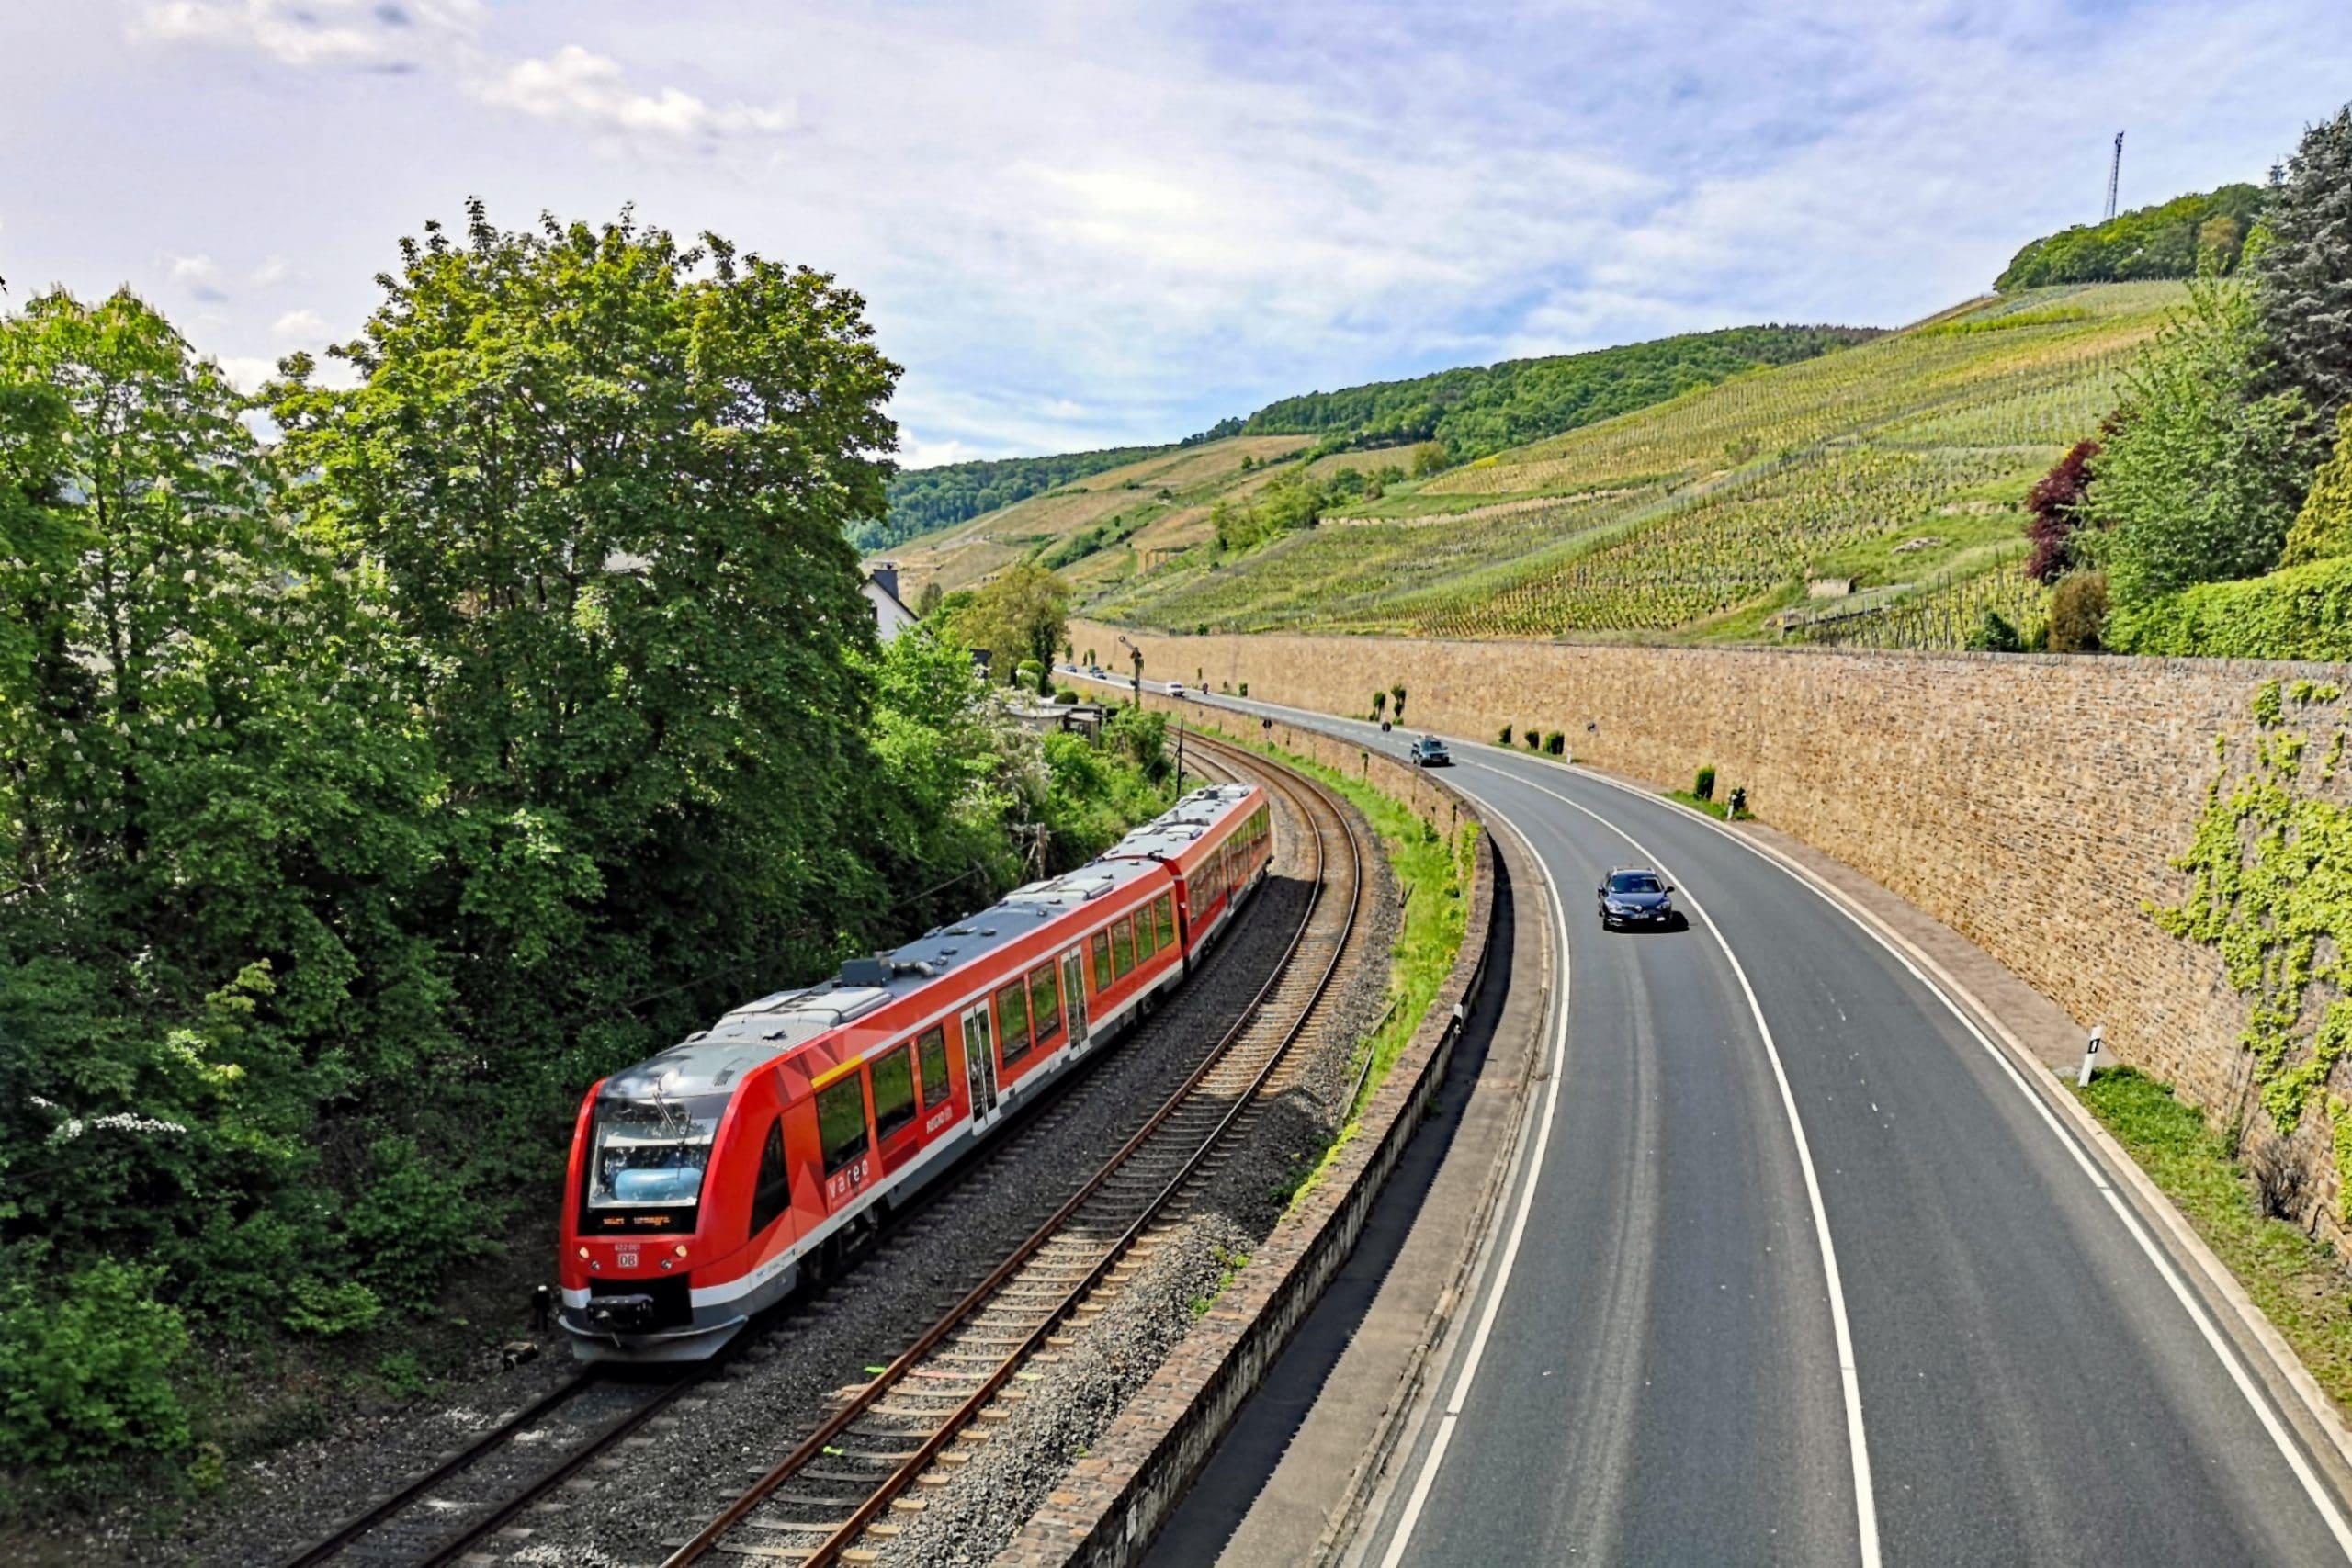 ©Foto: André Rosendahl   railmen   Entlang der Weinberge: Die Ahrtalbahn zwischen Ahrbrück und Remagen. Hier fährt der Zug von DB Regio gerade an der Altstadt von Ahrweiler vorbei.